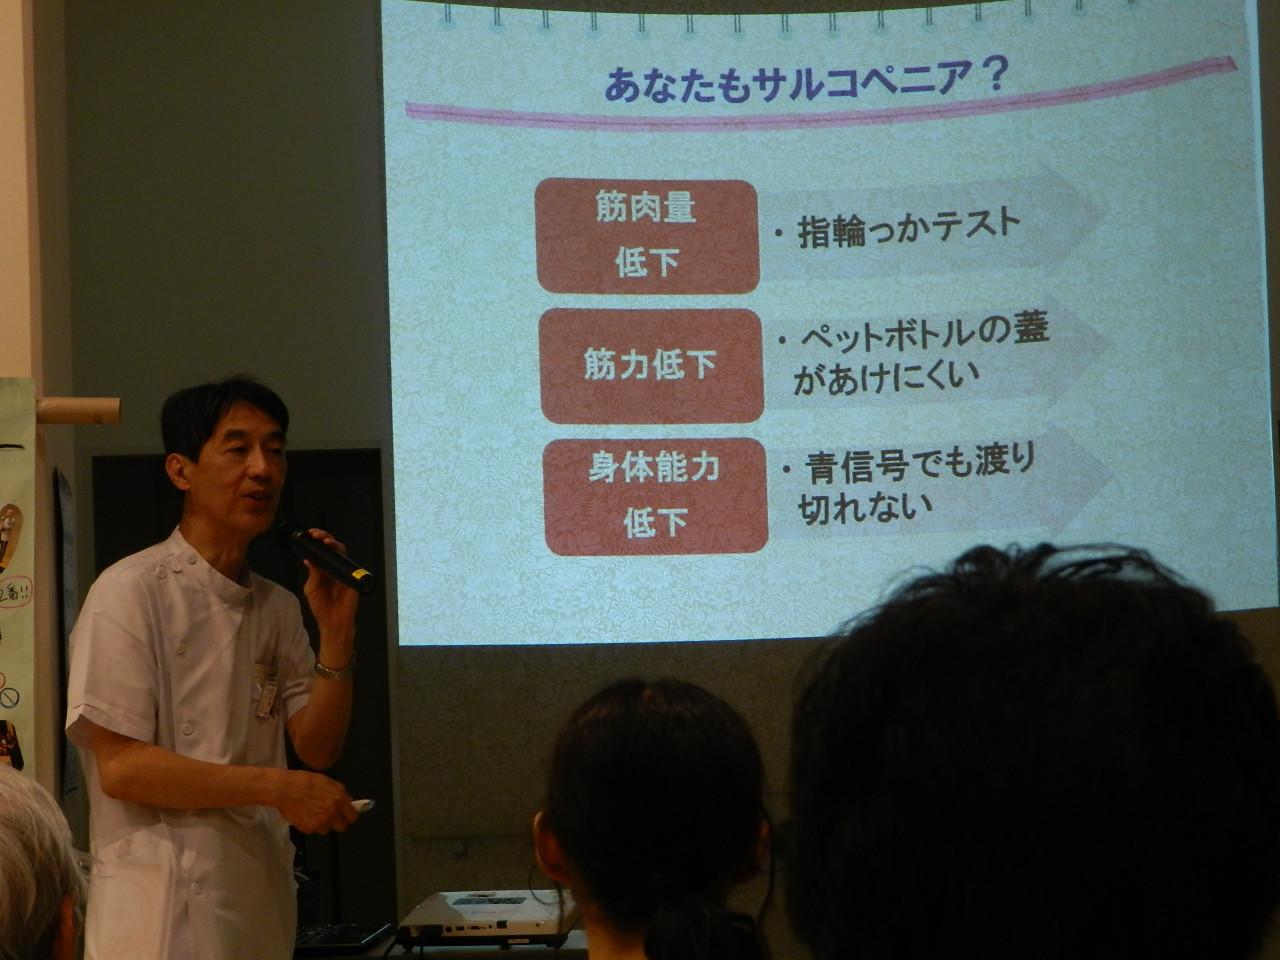 DSCN4646.JPG